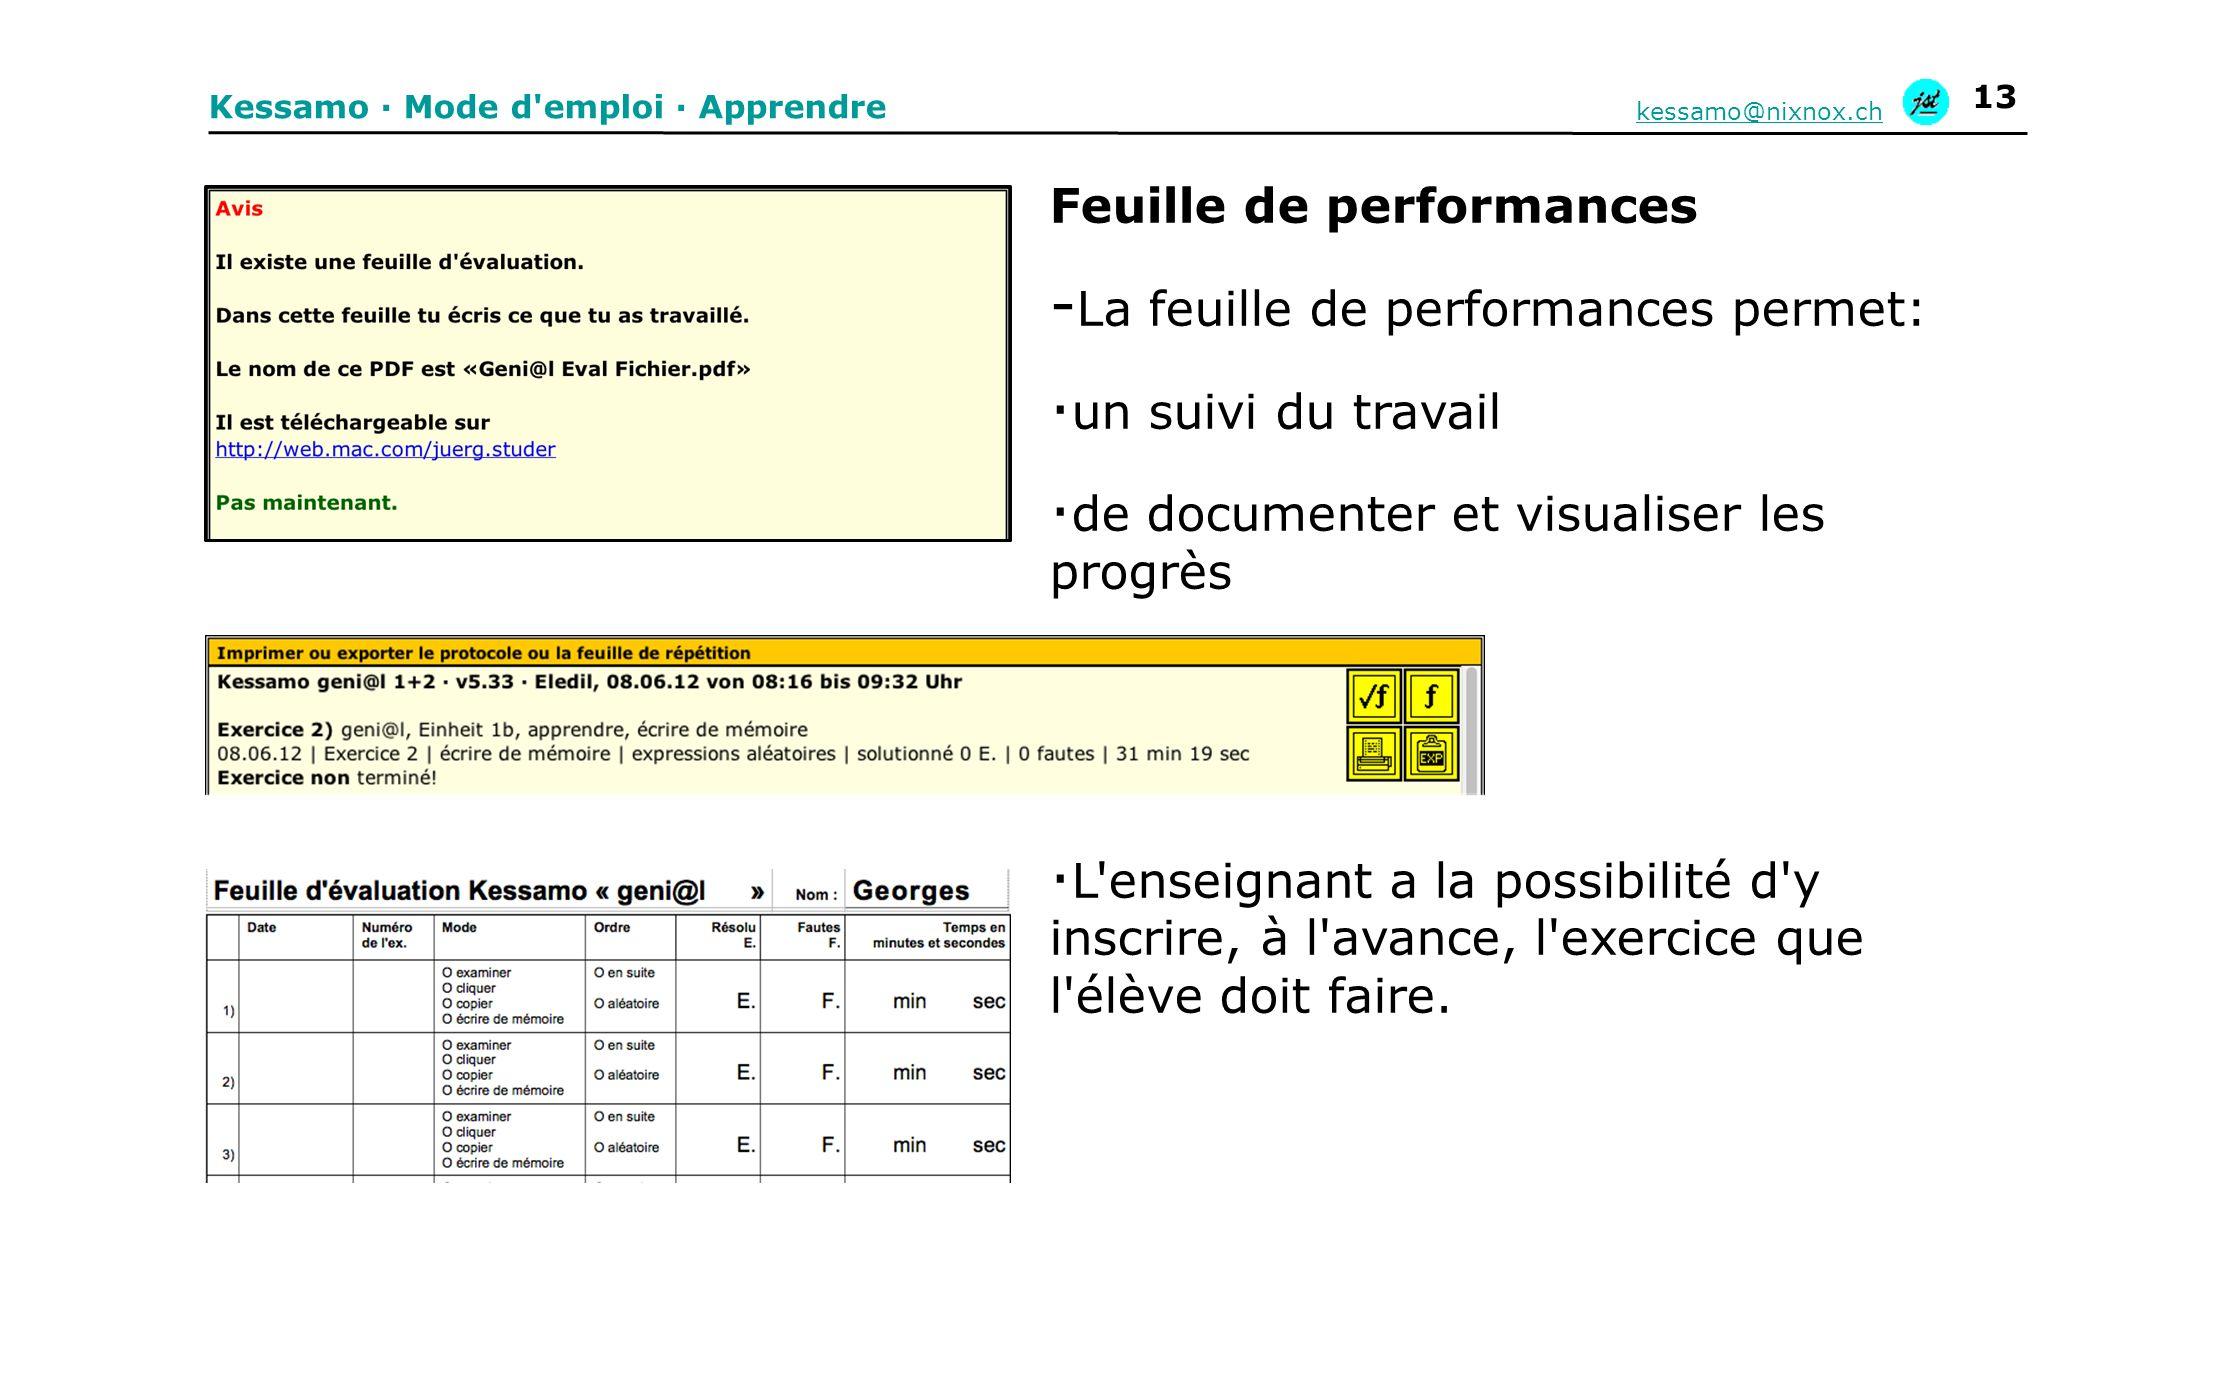 Kessamo · Mode d'emploi · Apprendre kessamo@nixnox.ch 13 Feuille de performances - La feuille de performances permet: · un suivi du travail · de docum